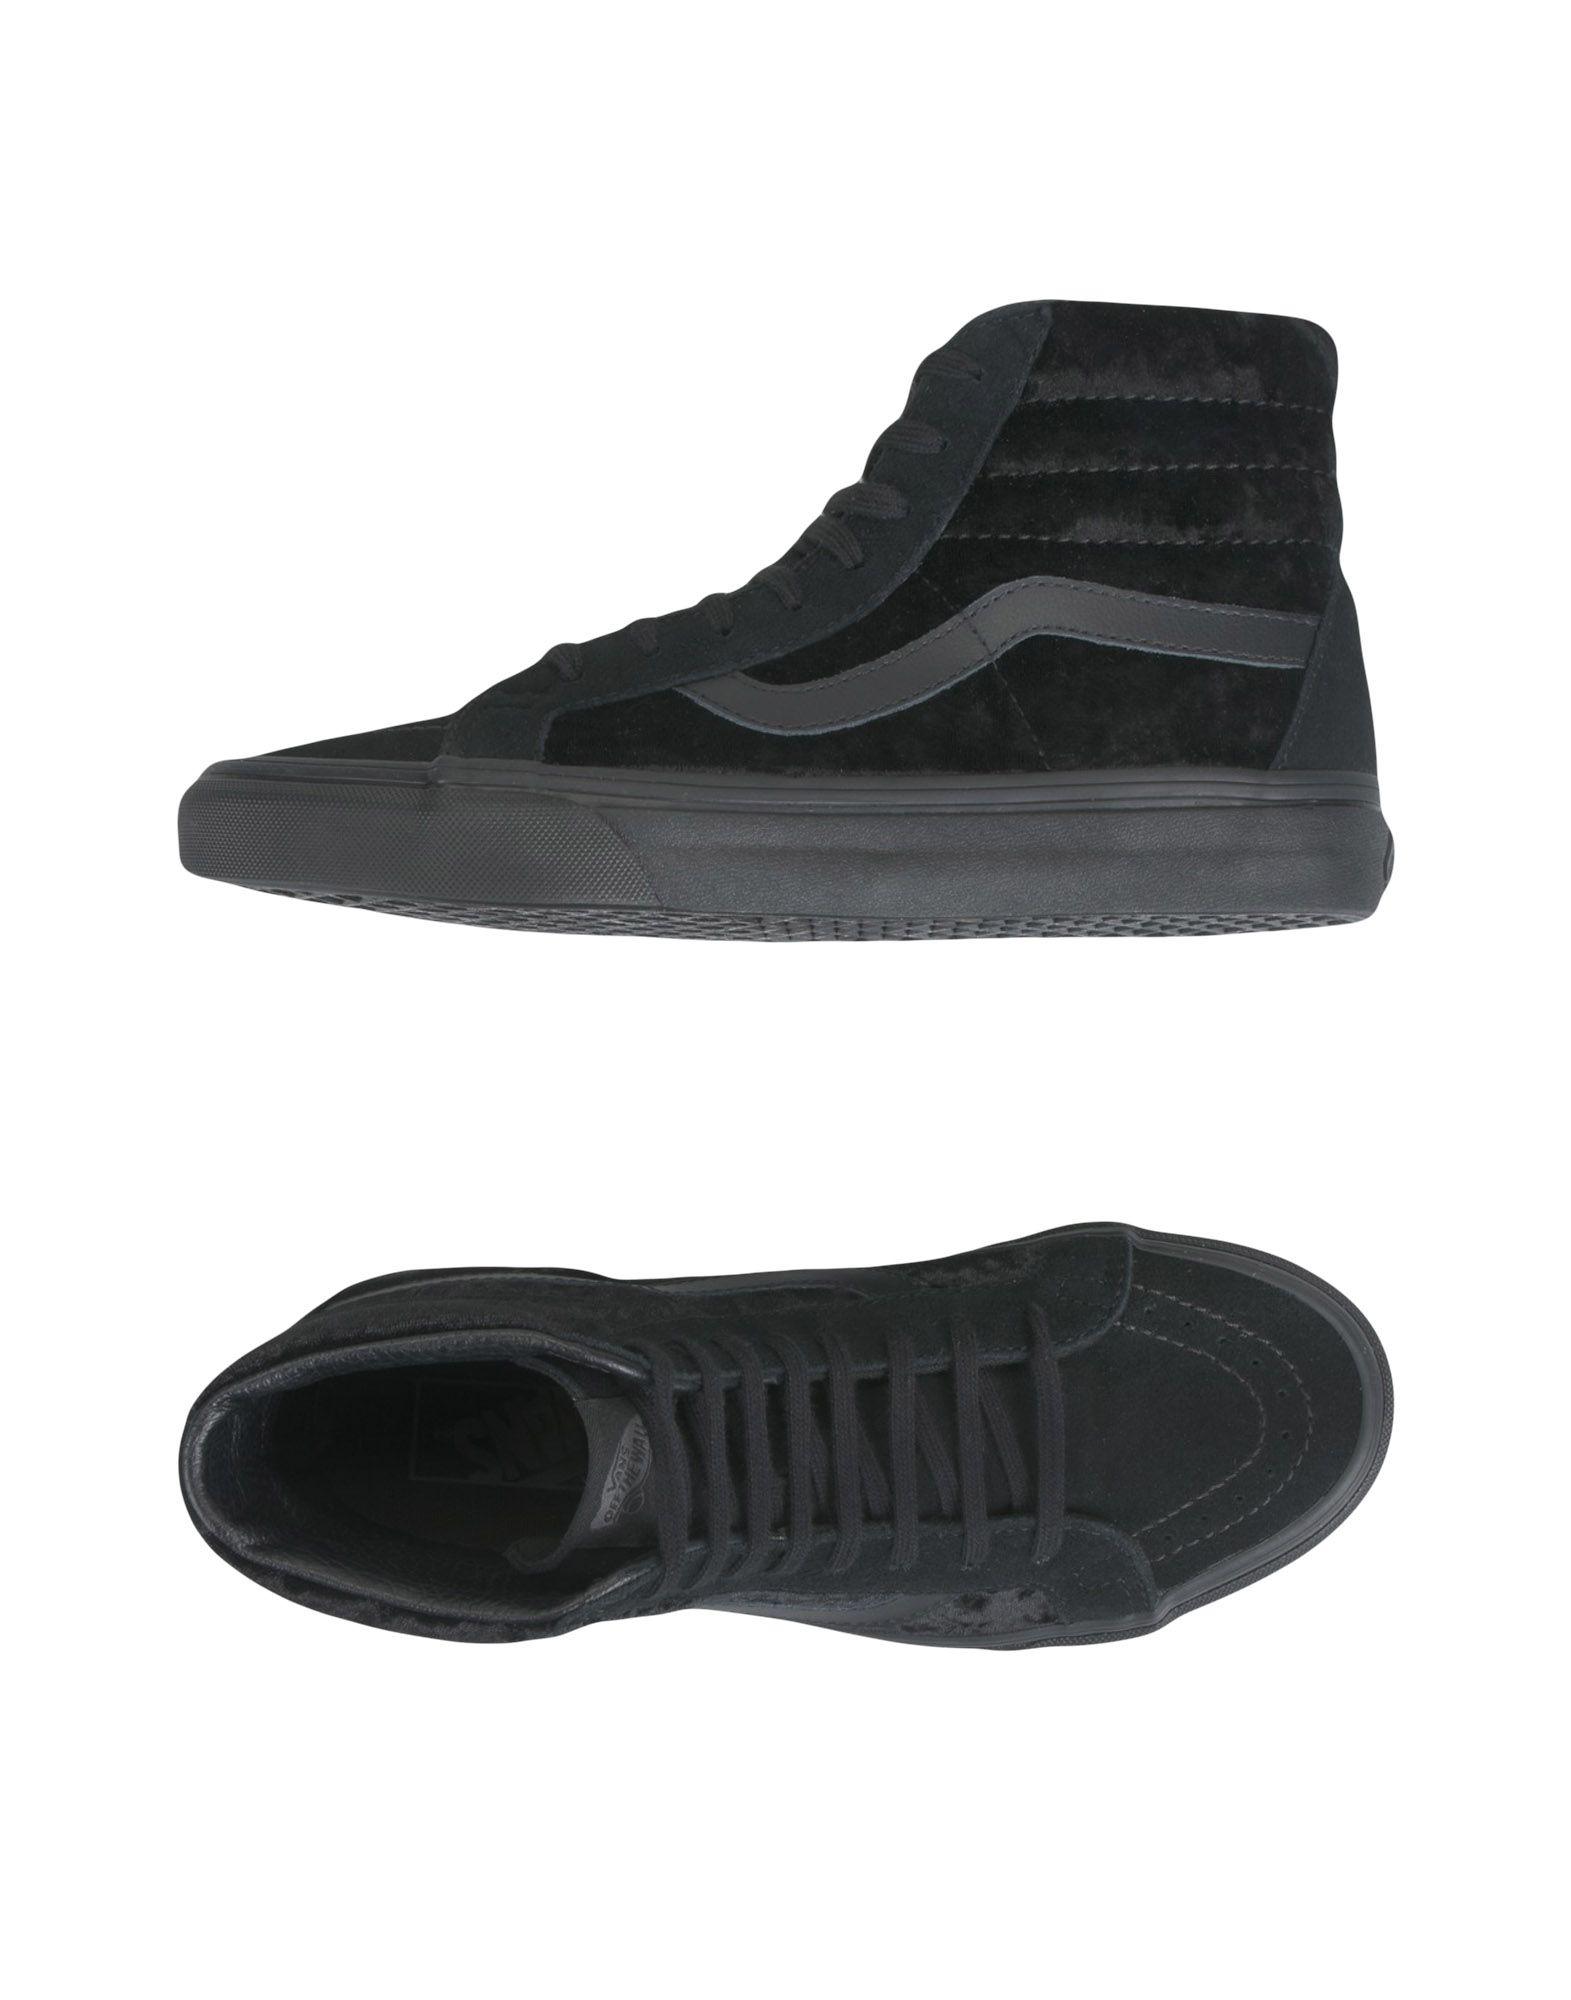 Vans Ua Sk8 11403184FG Gute Qualität beliebte Schuhe